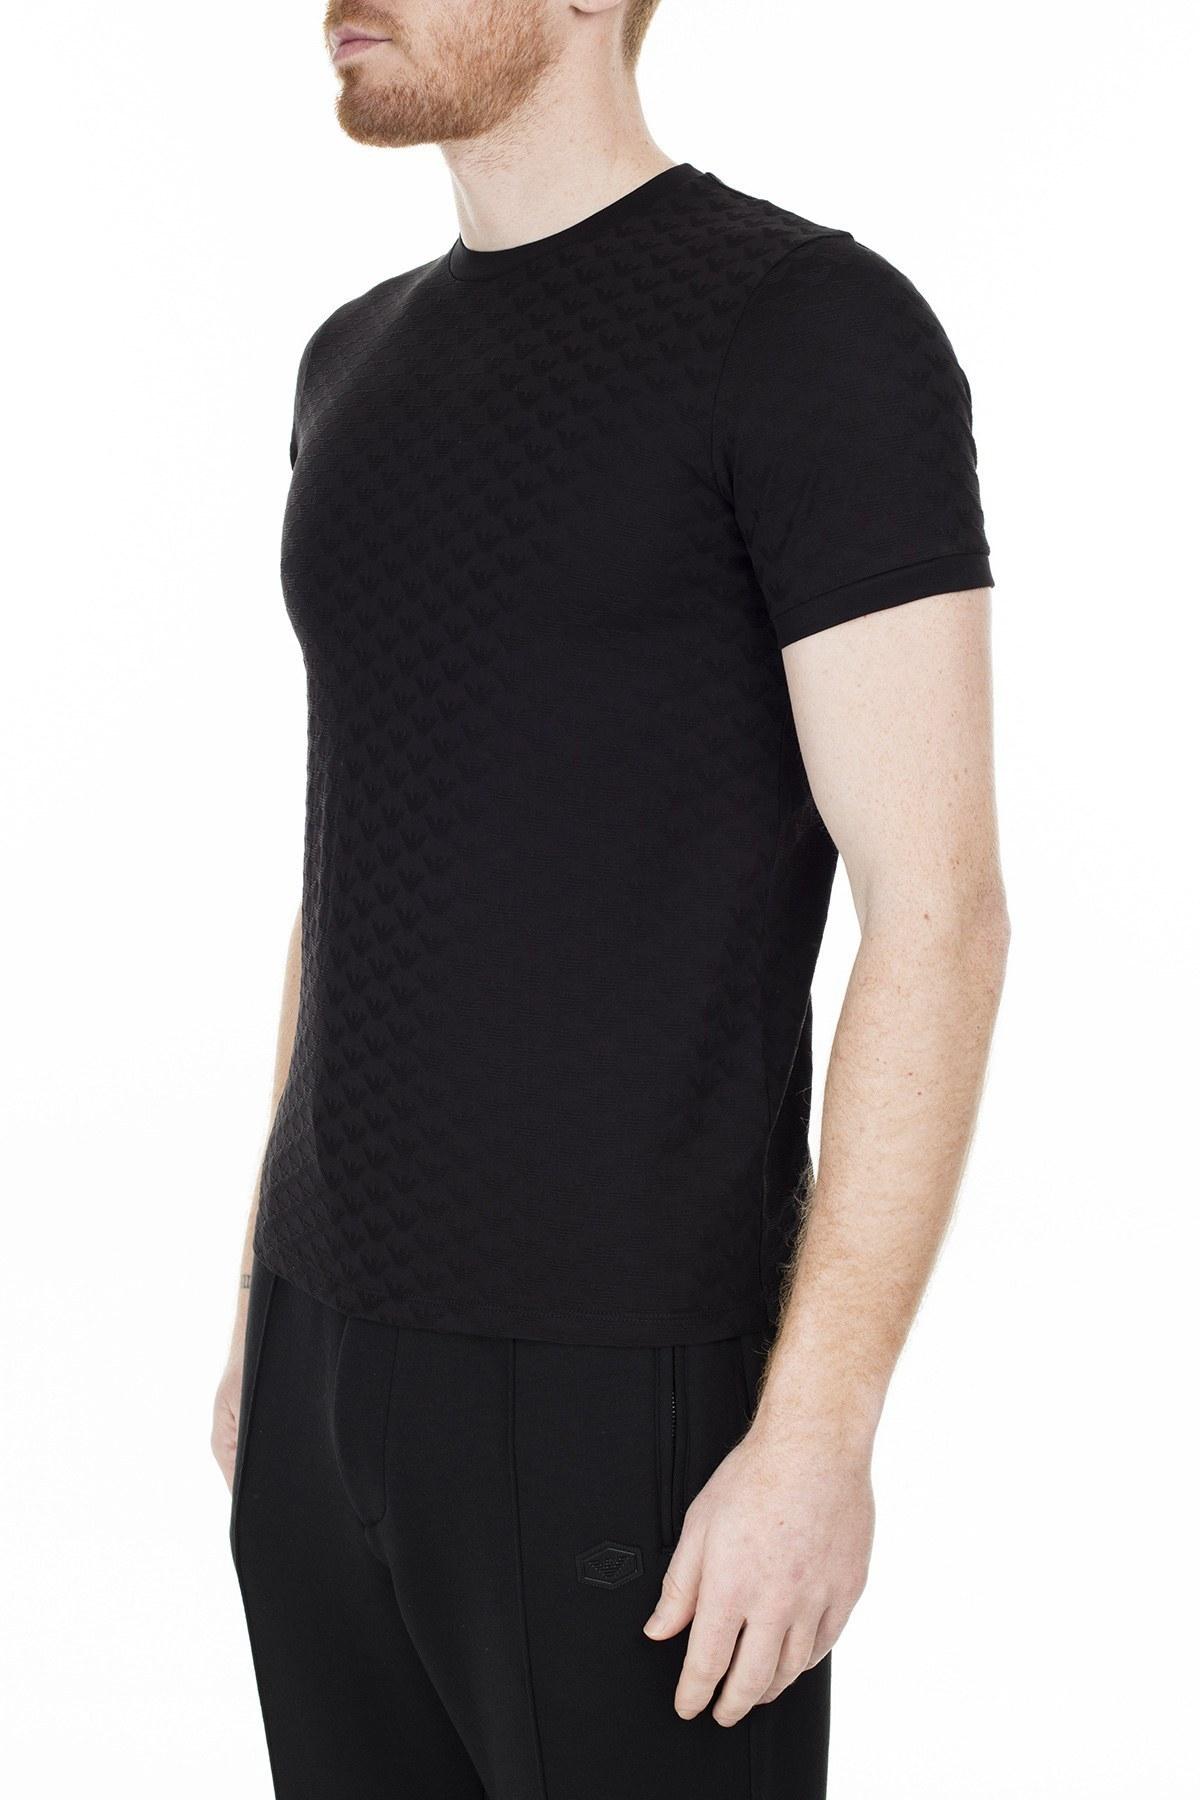 Emporio Armani % 100 Pamuk Bisiklet Yaka Erkek T Shirt S 6G1TL7 1JHWZ 0999 SİYAH